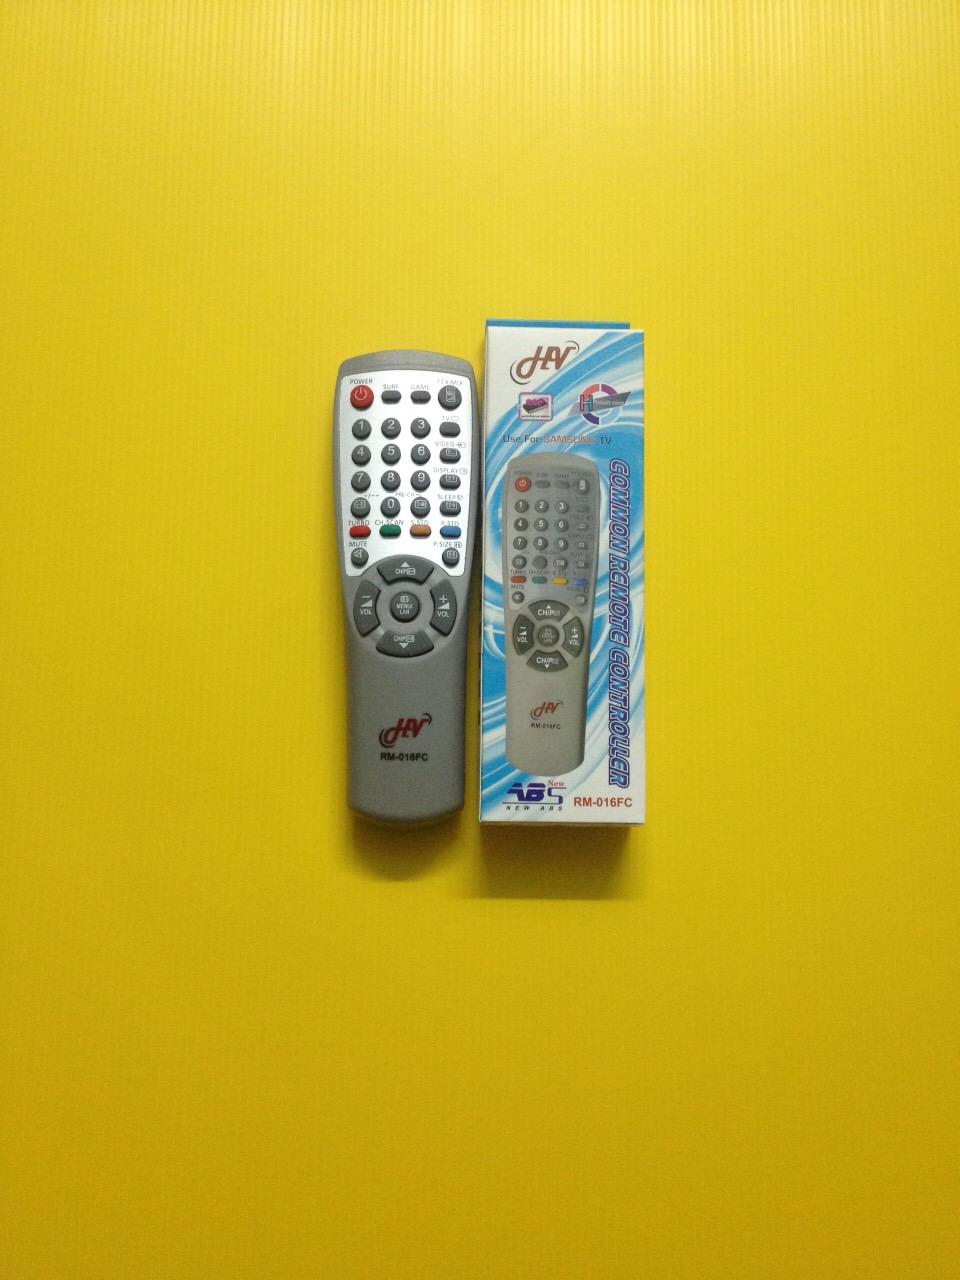 รีโมทรวมทีวี Samsung RM-016FC ใช้ได้กับทีวีซัมซุงได้ทุกรุ่น